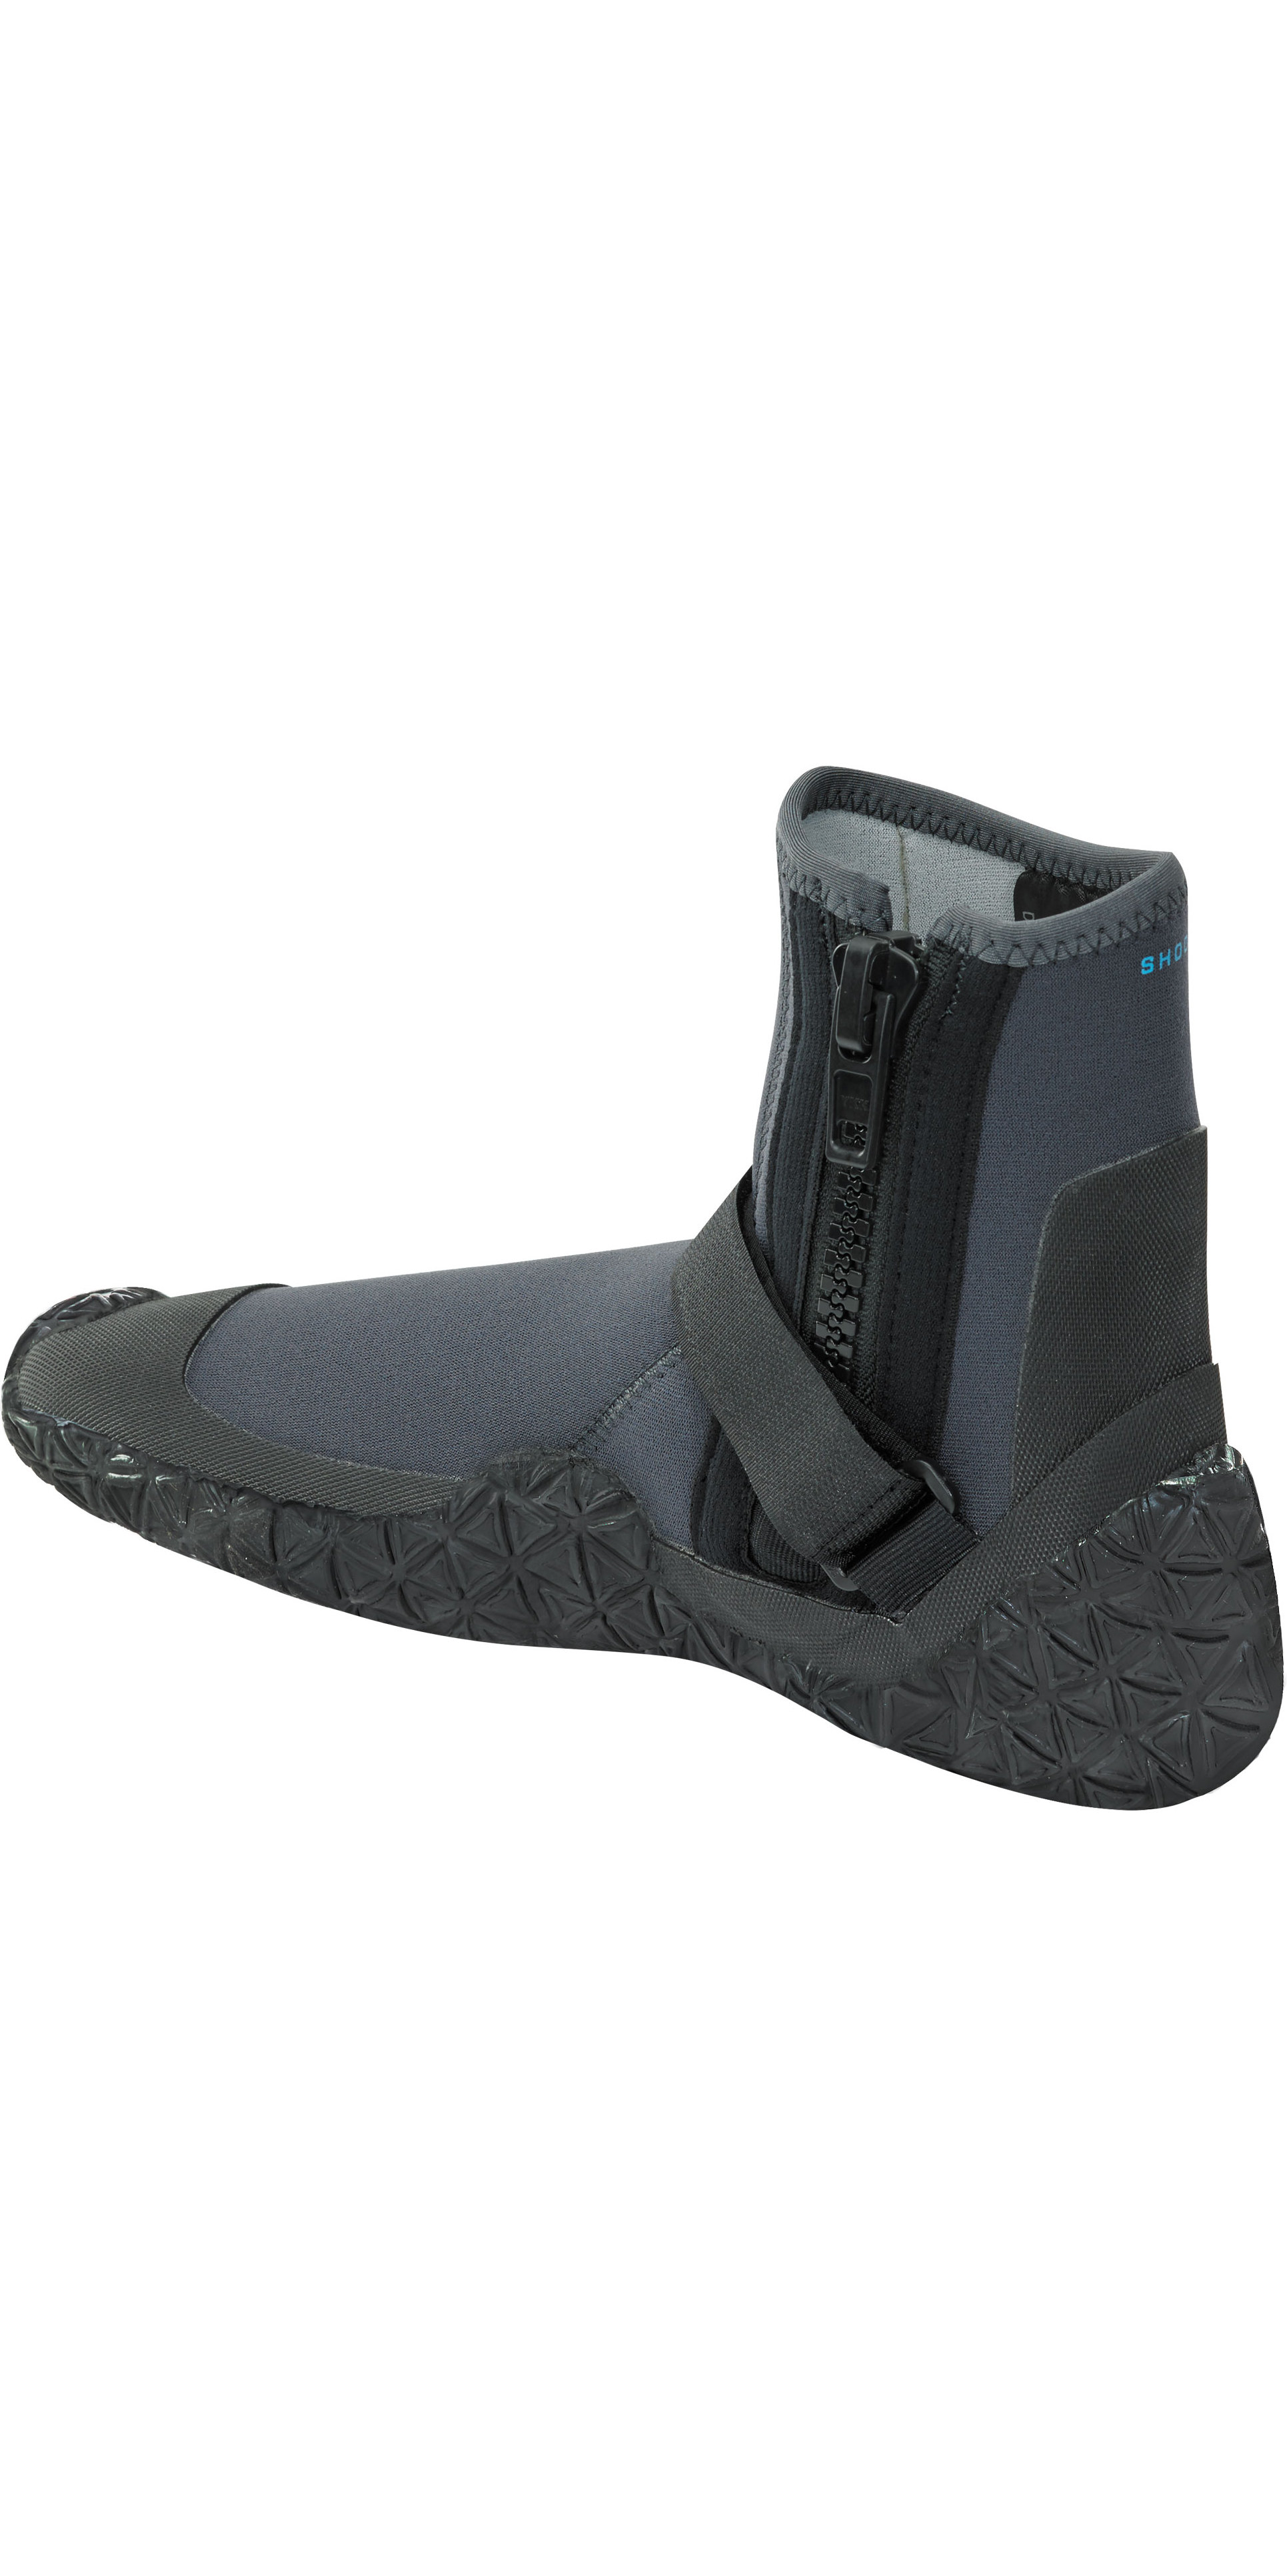 2020 Palm Shoot 3mm Kayak Boots 12341 Gris Jet